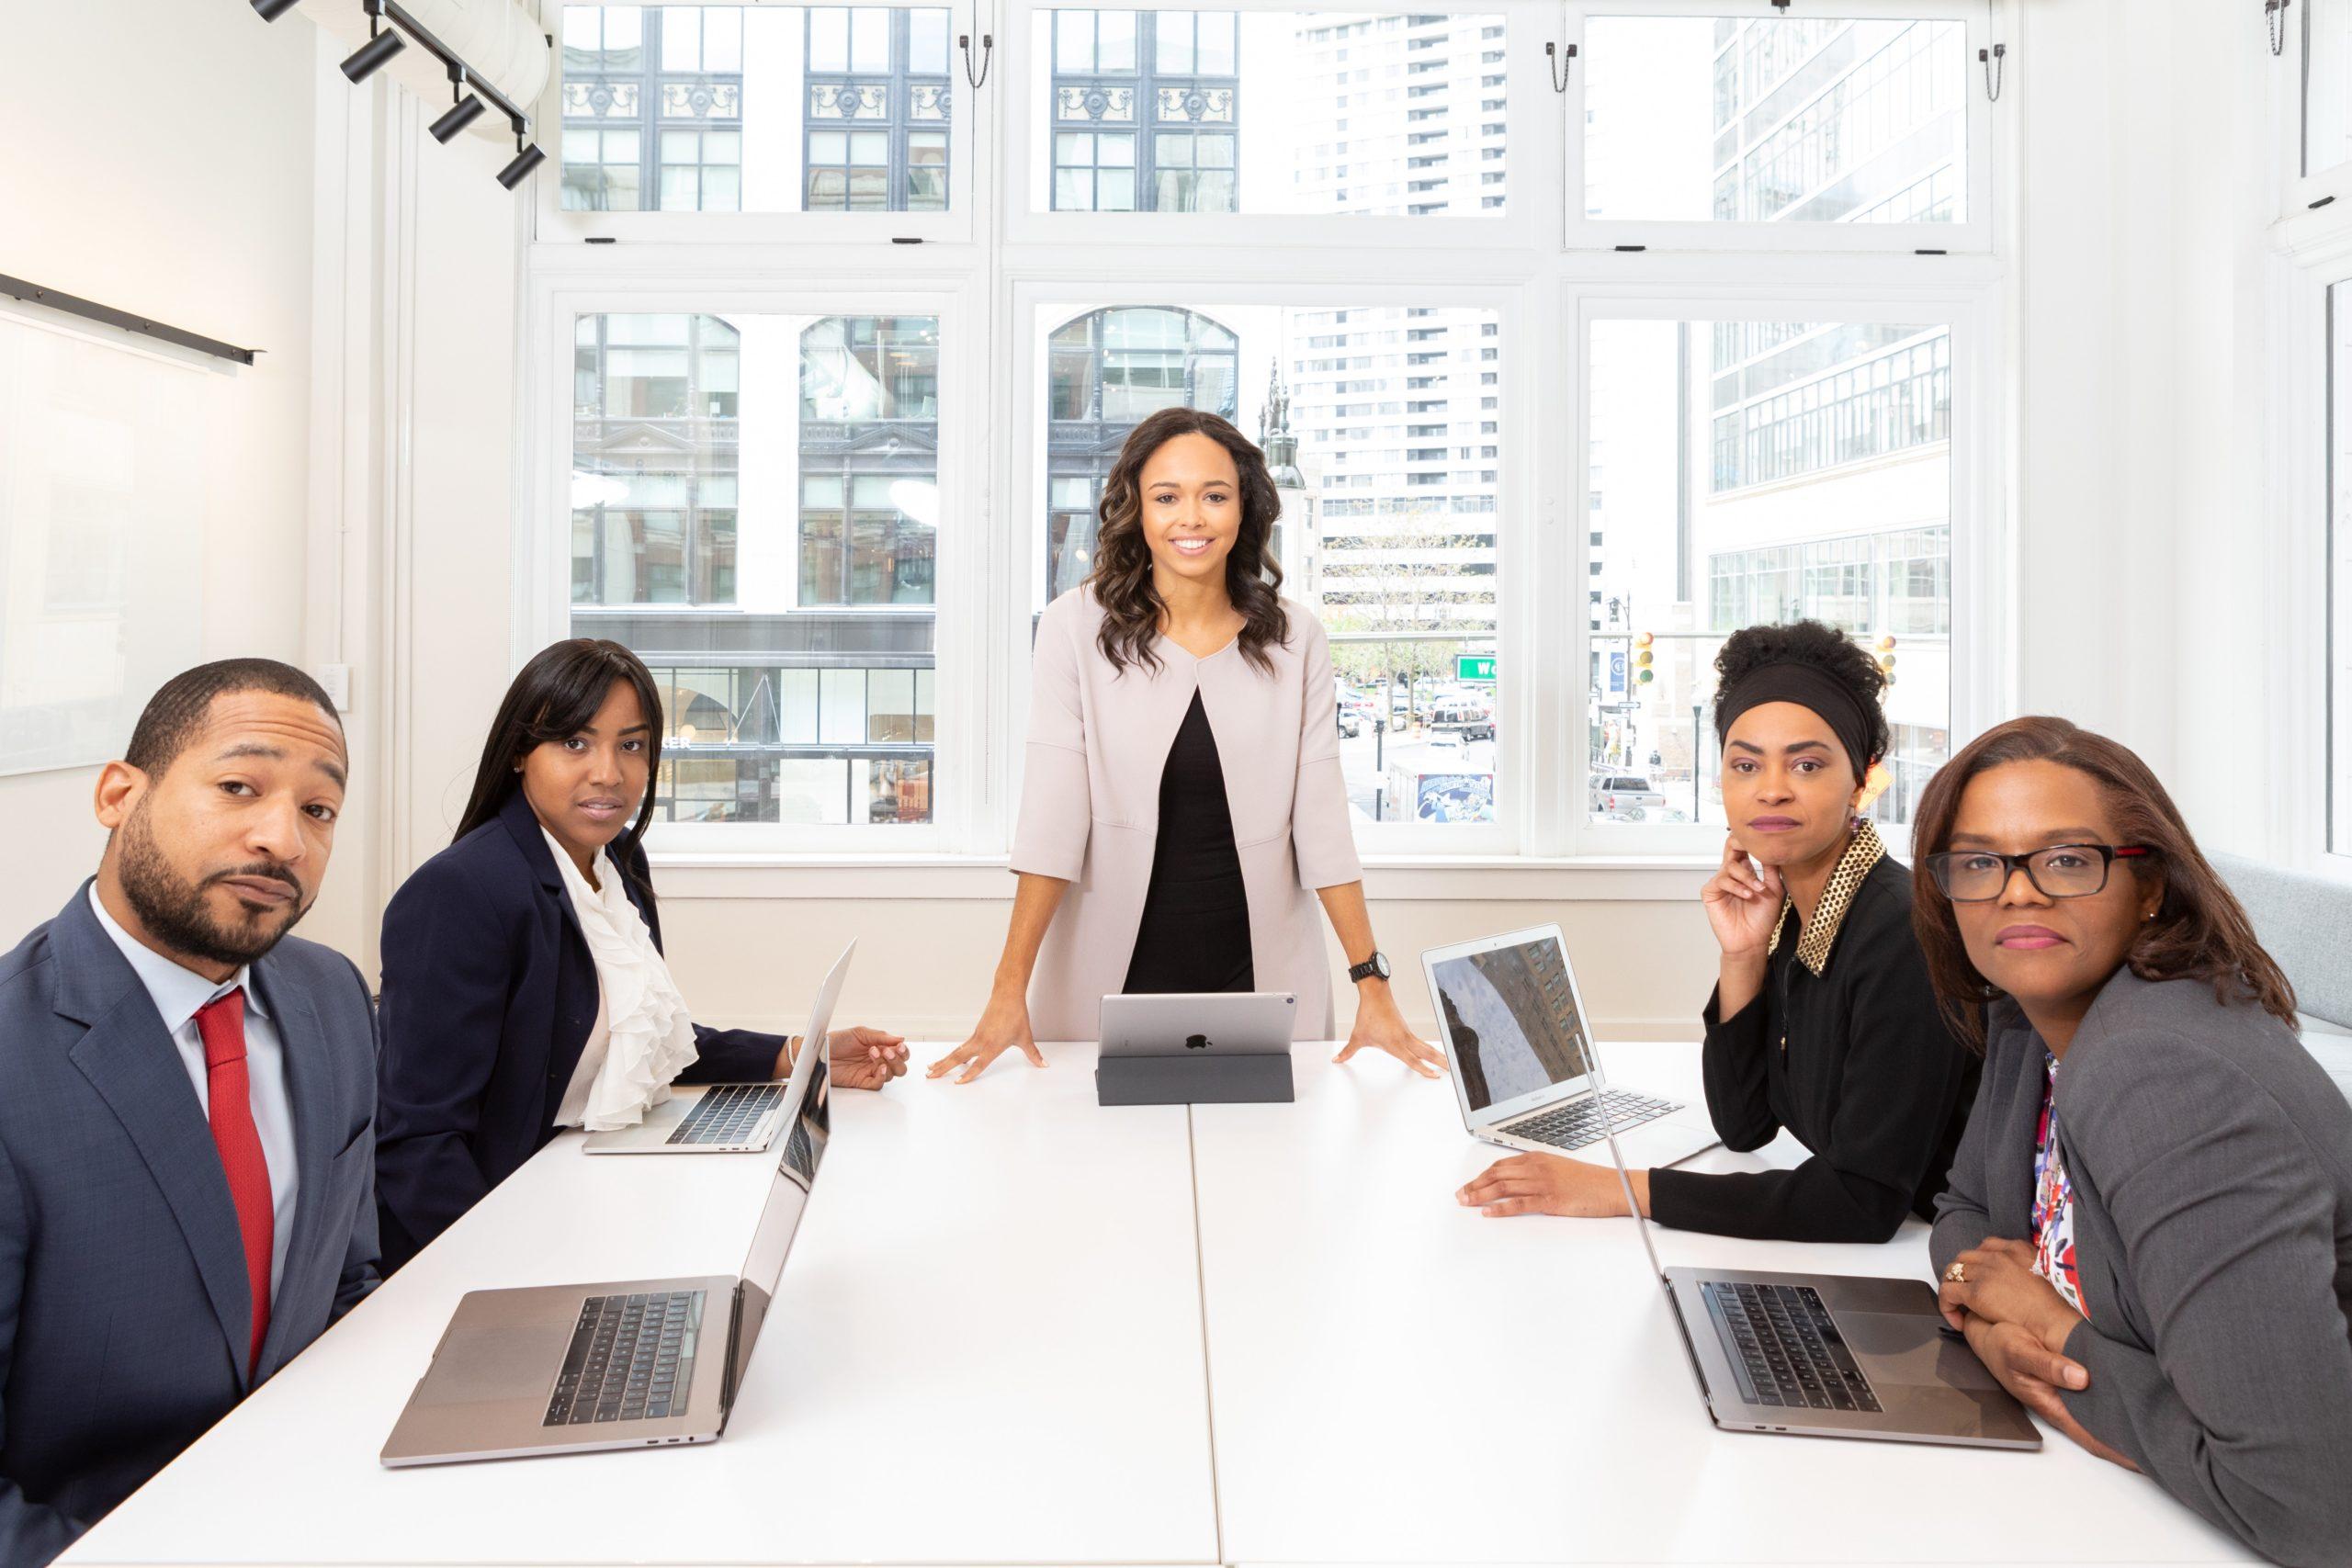 develop organizational culture